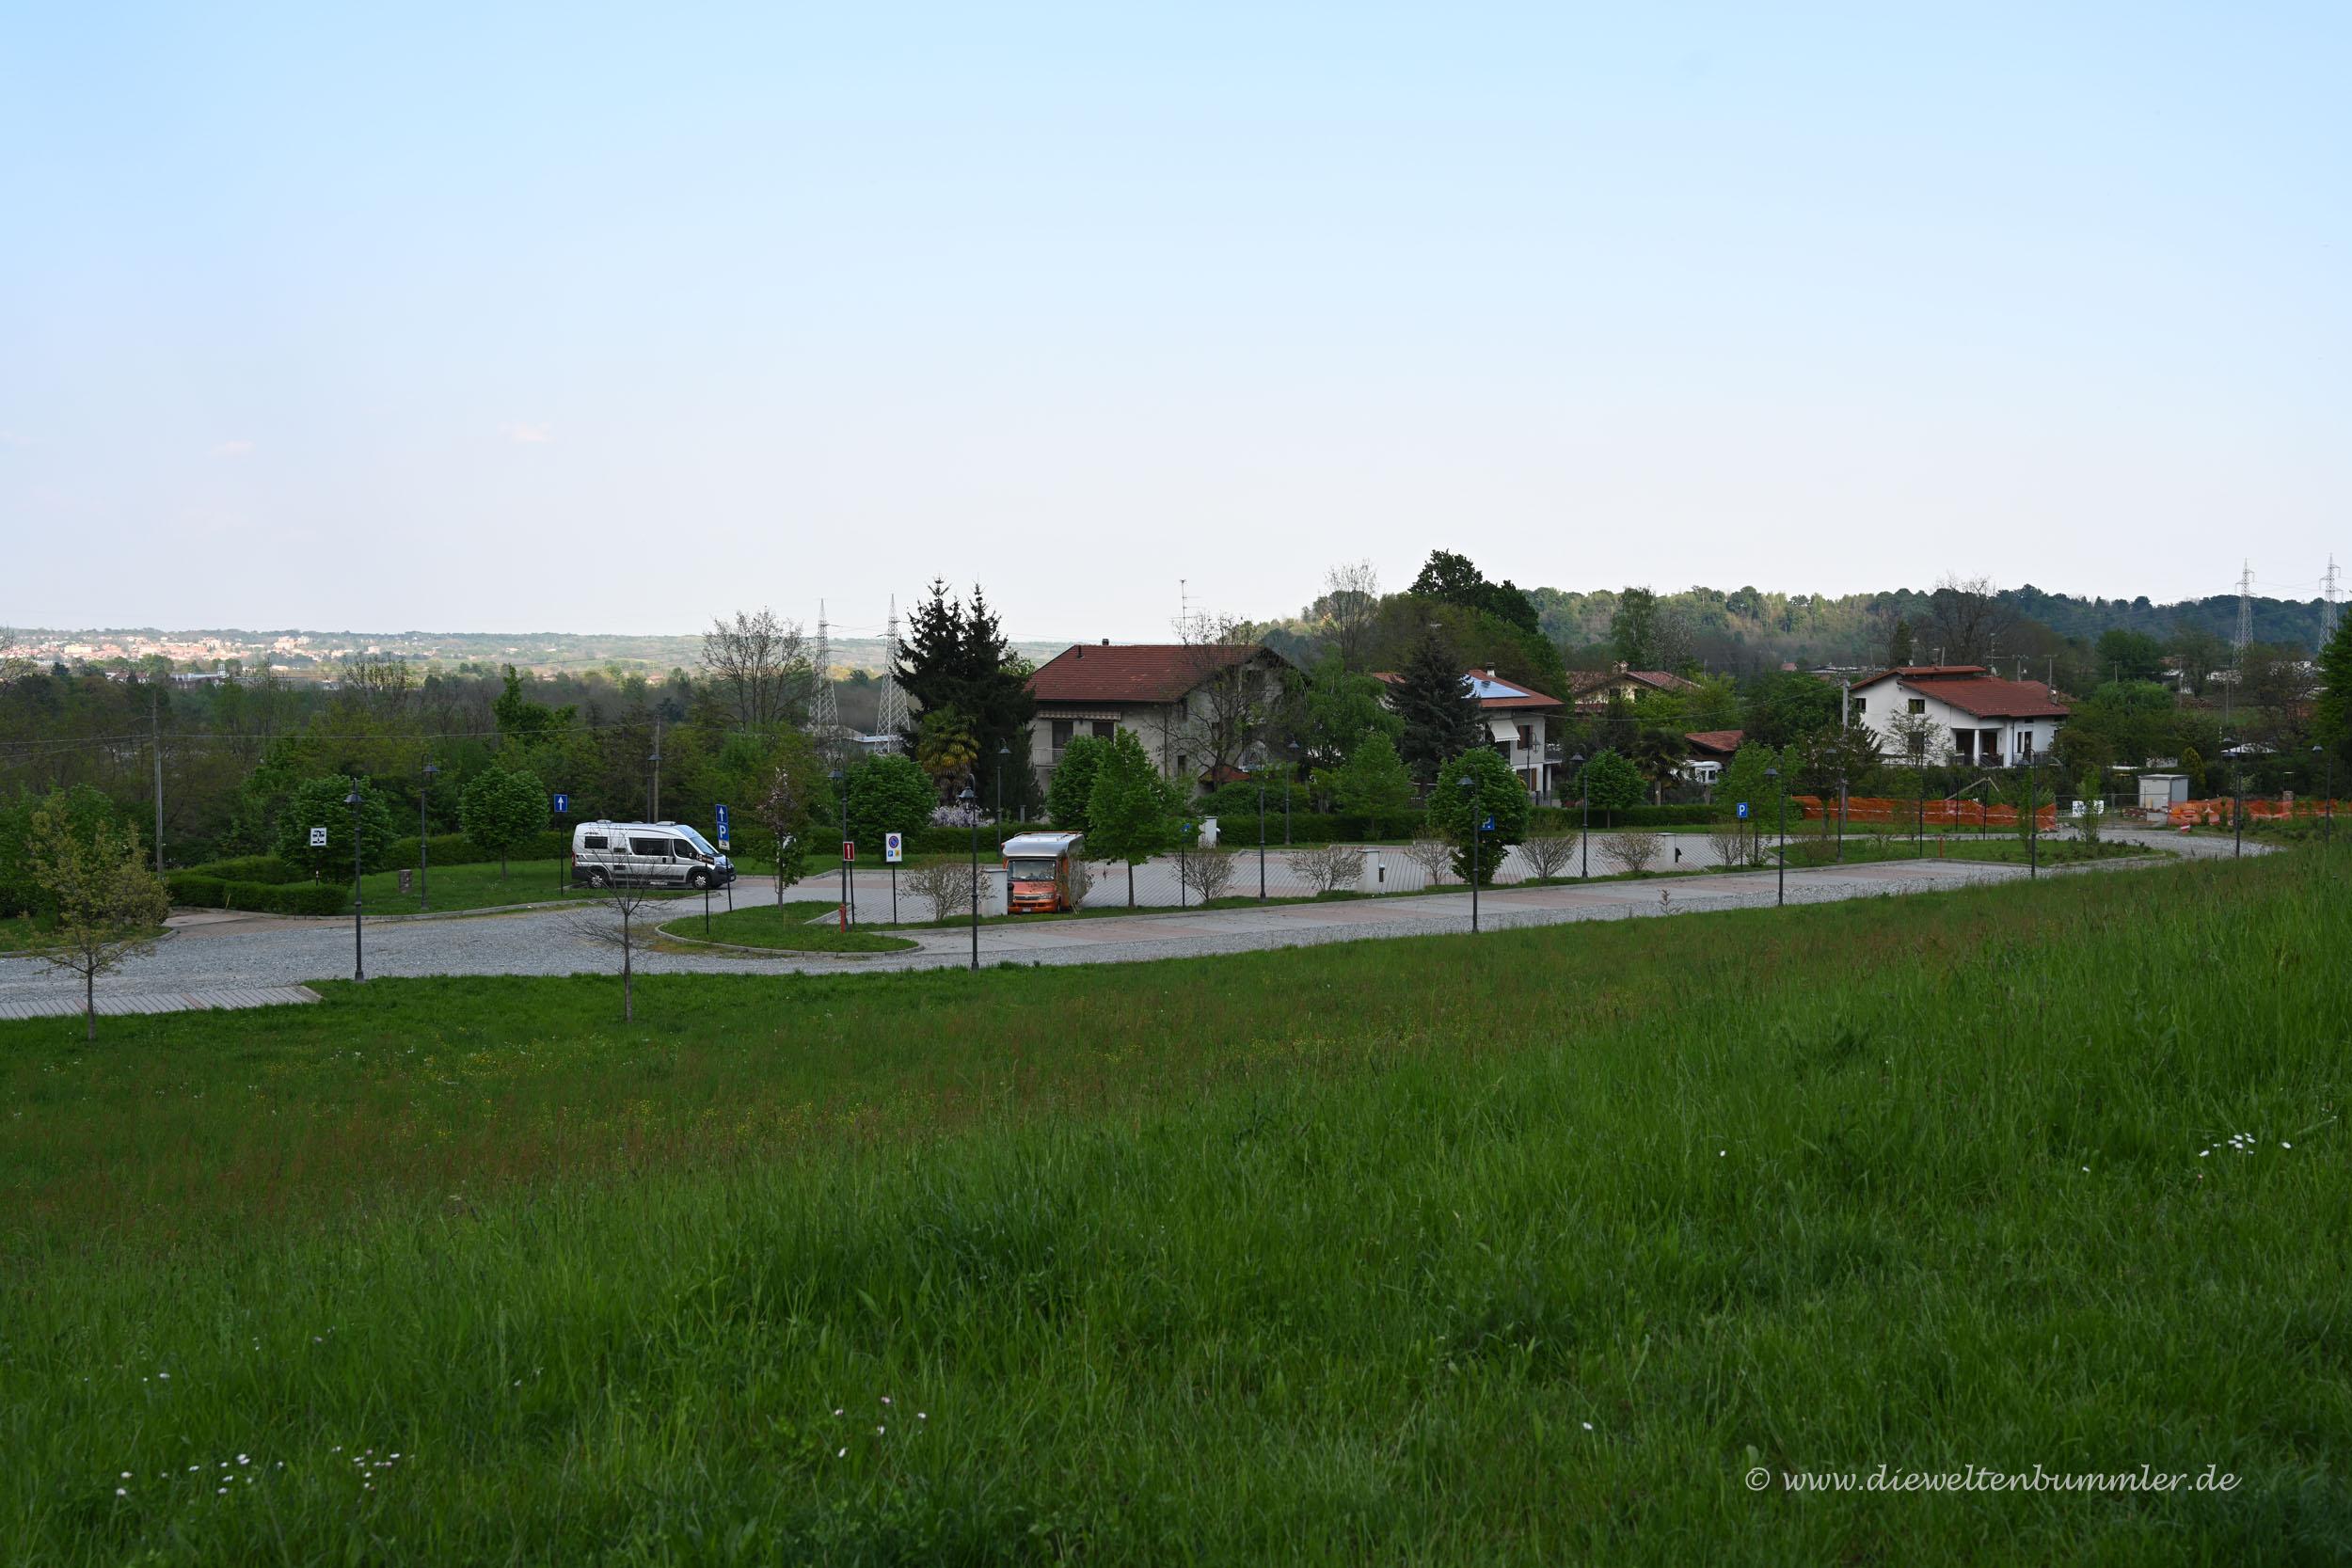 Wohnmobilstellplatz Candelo